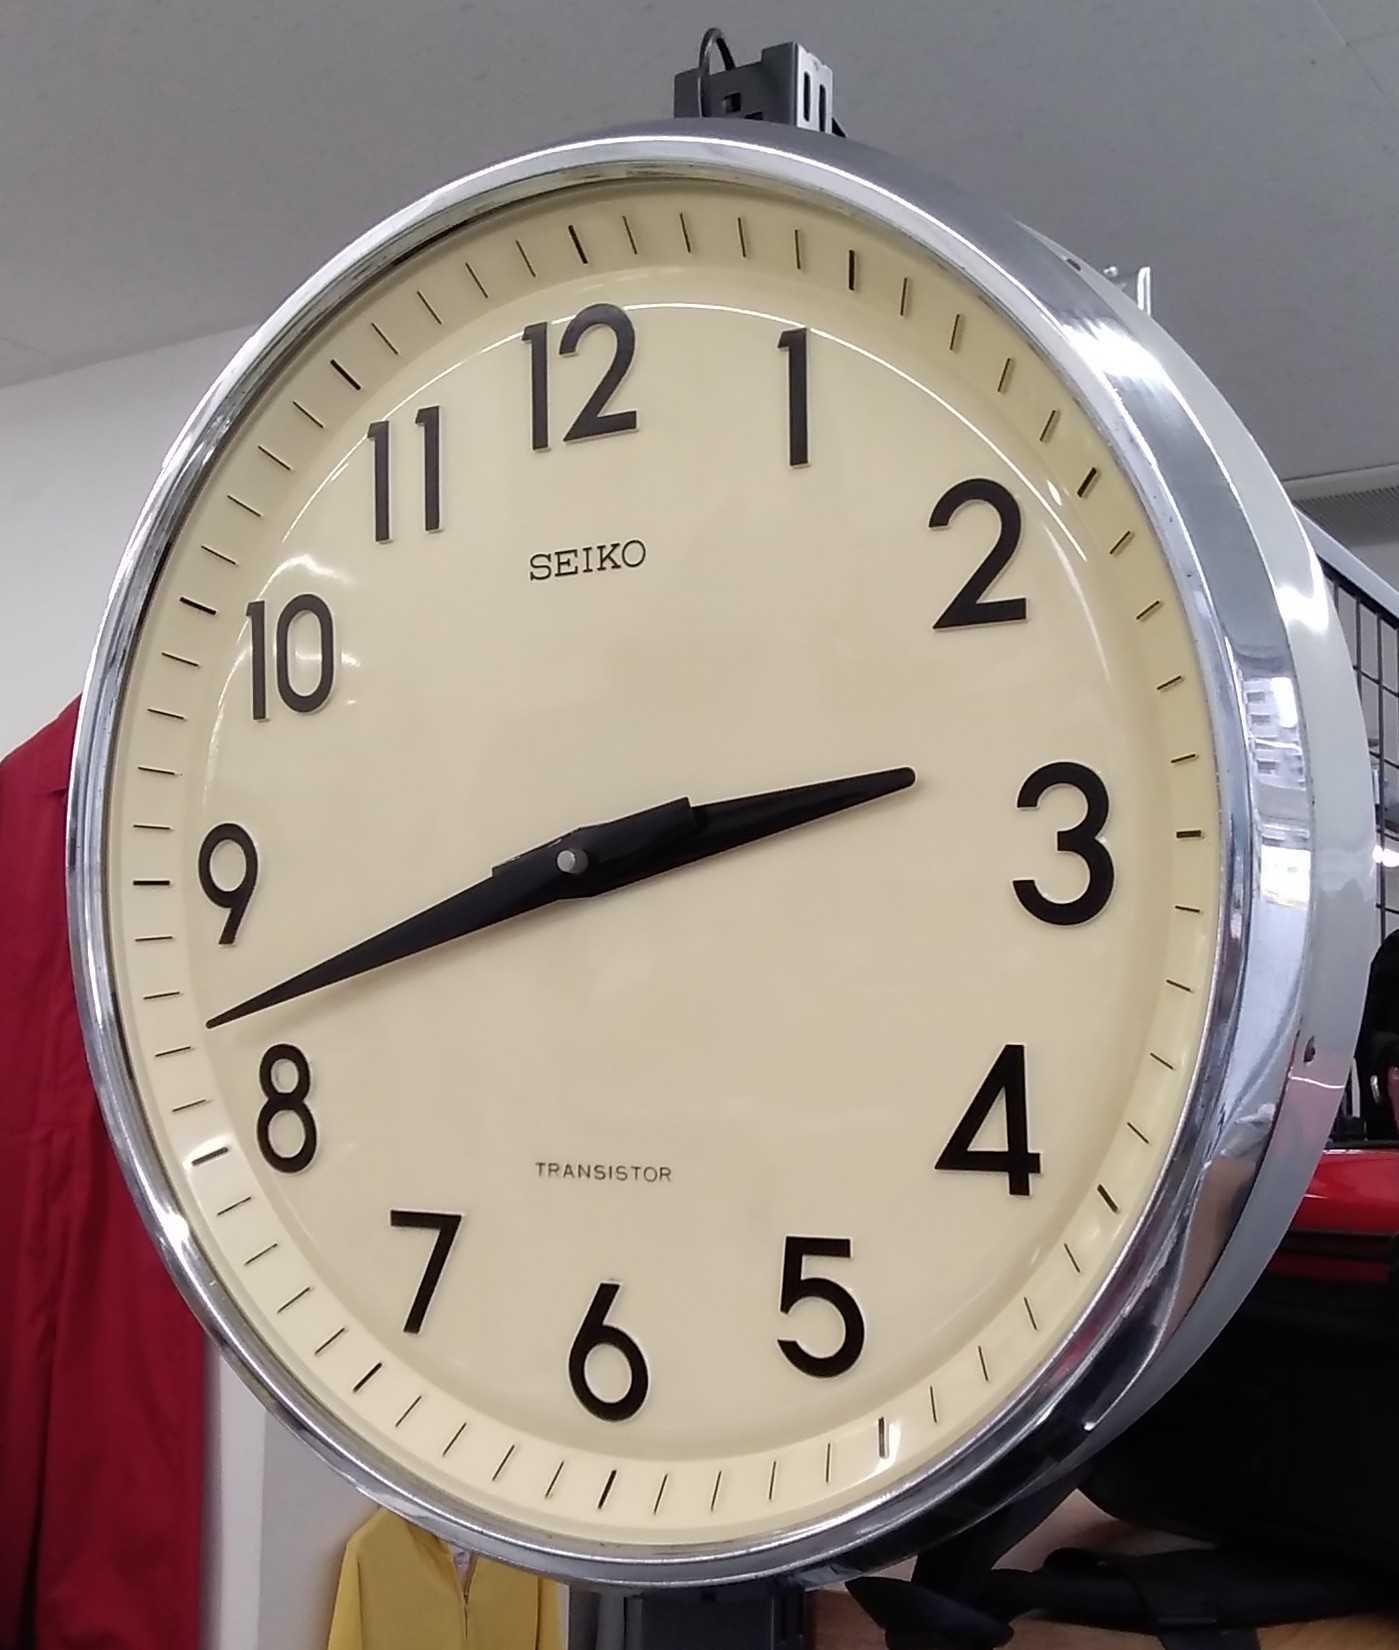 昭和レトロ トランジスタクロック 壁掛け時計|SEIKO